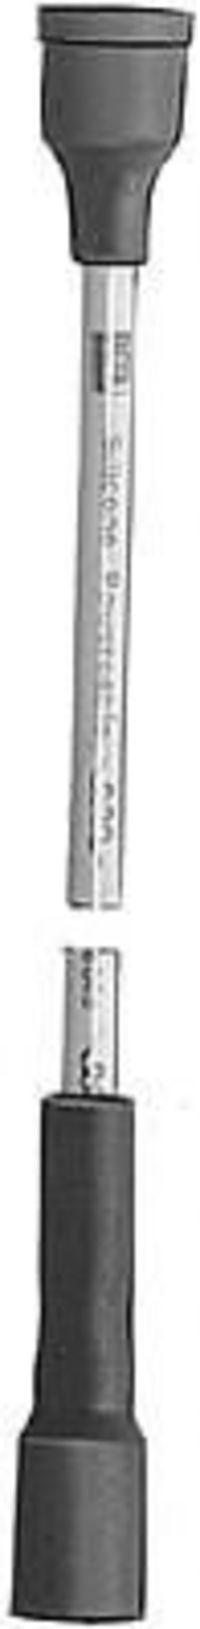 Провод высоковольтный BERU R 1